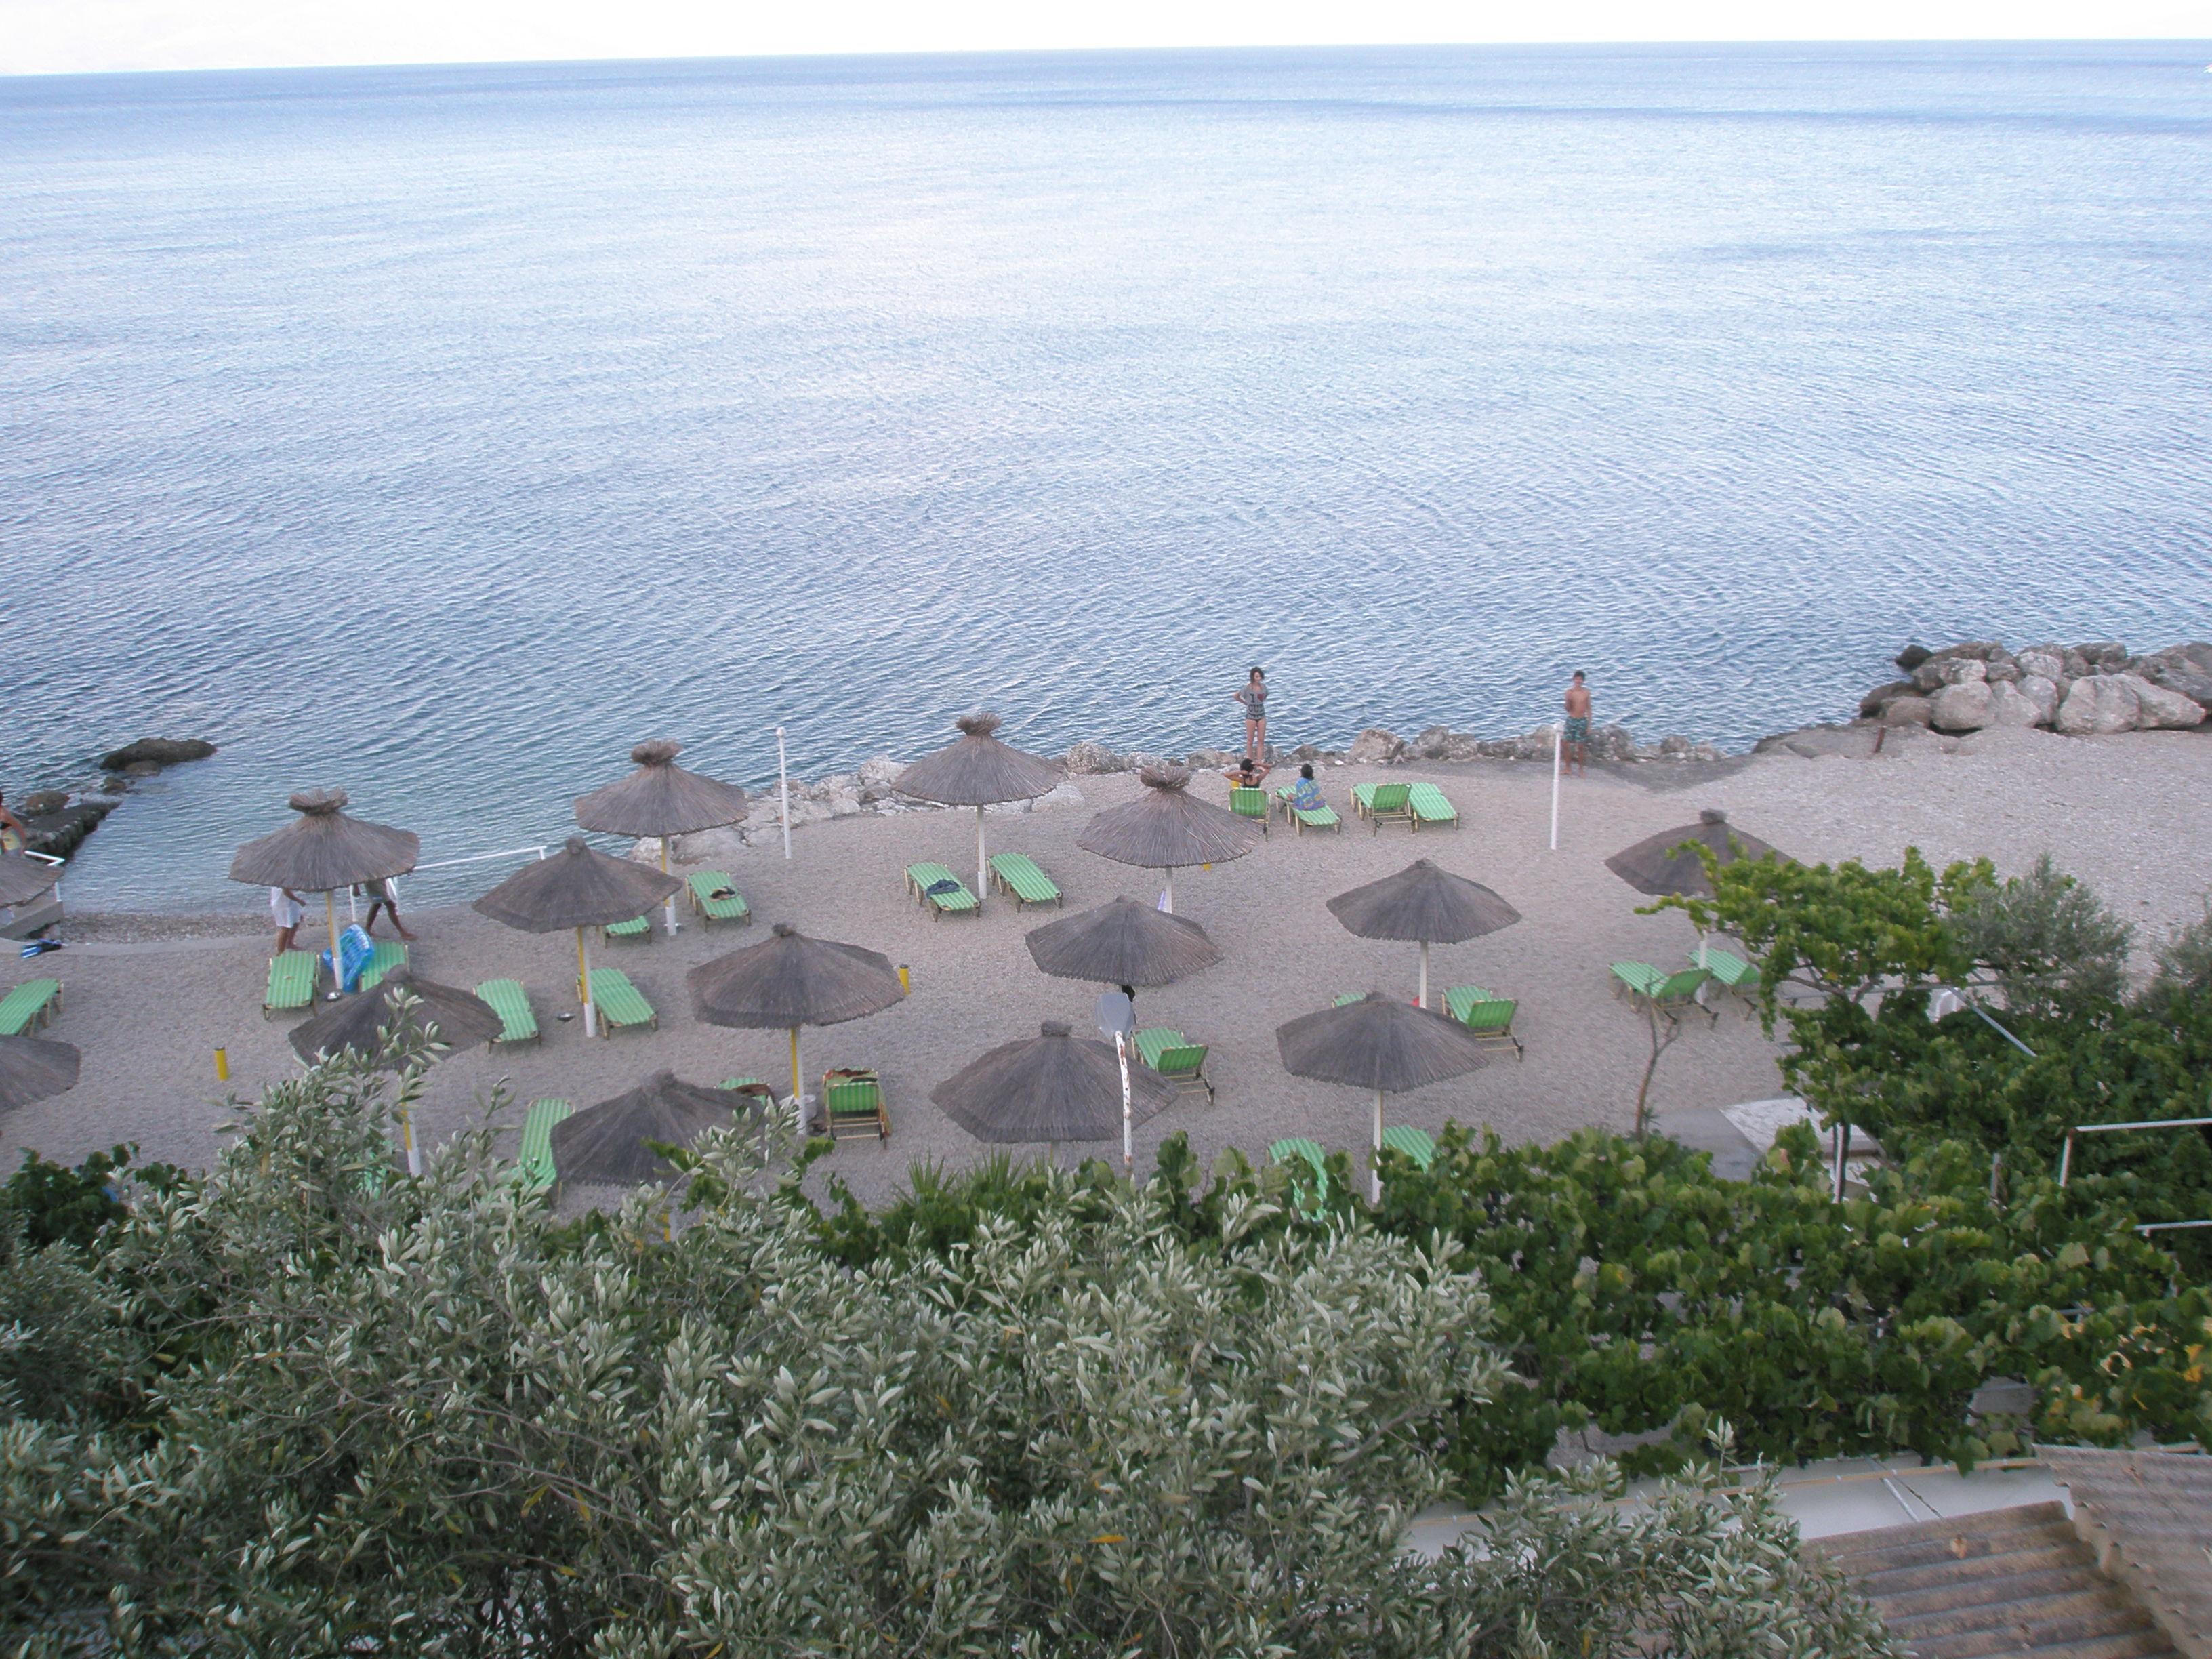 Appartement de vacances entspannte Ferien ein paar Schritte vom Meer entfernt (2187693), Moraitika, Corfou, Iles Ioniennes, Grèce, image 6